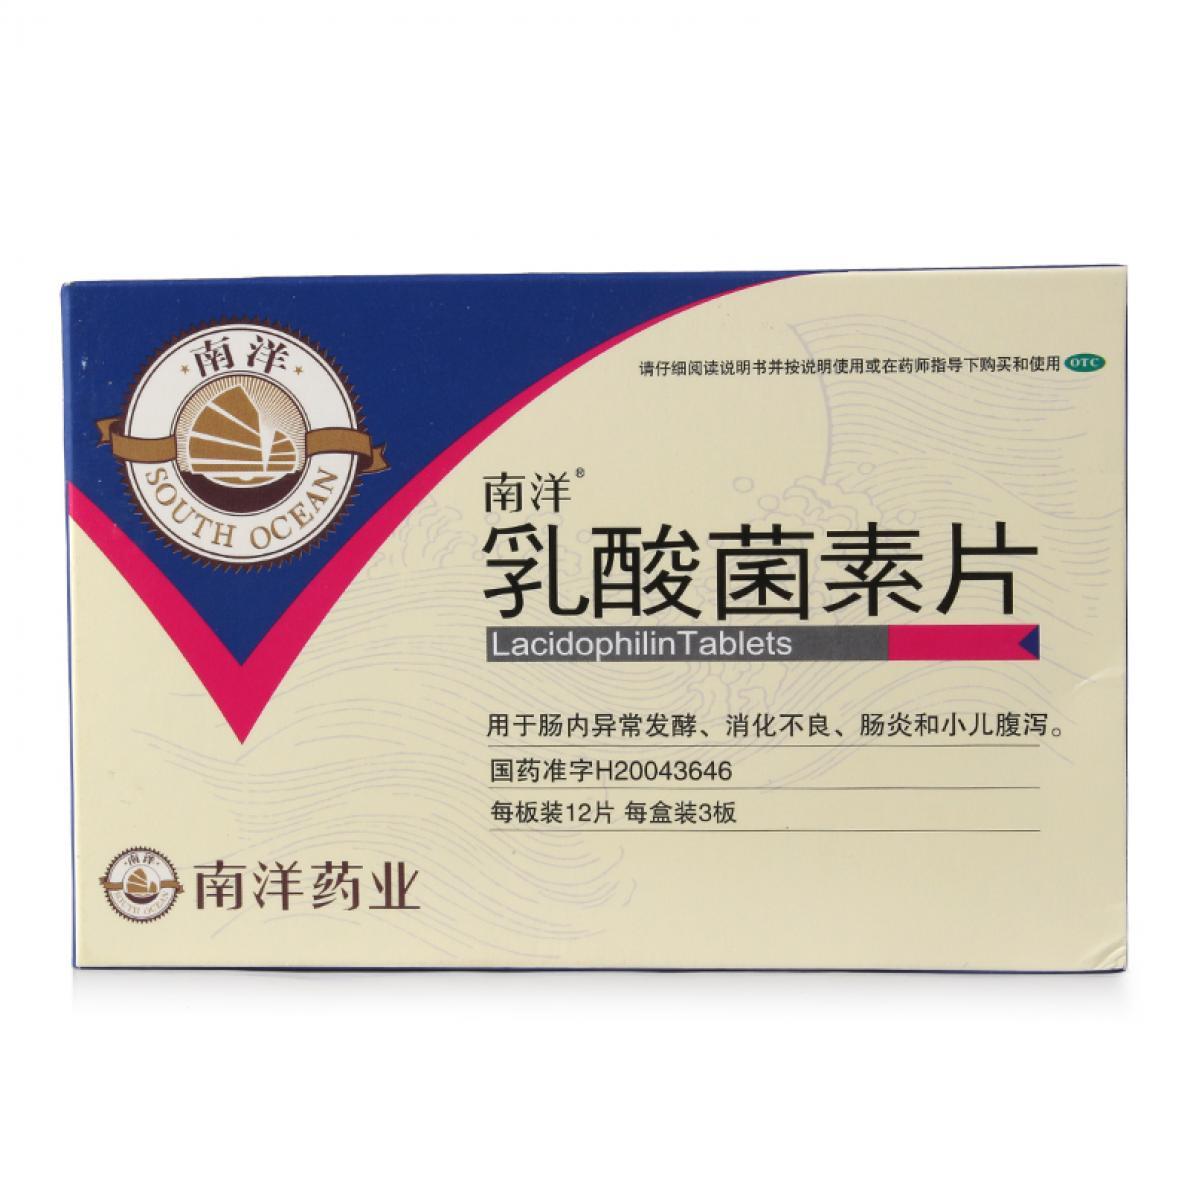 南洋 乳酸菌素片  0.4g*12片*3板